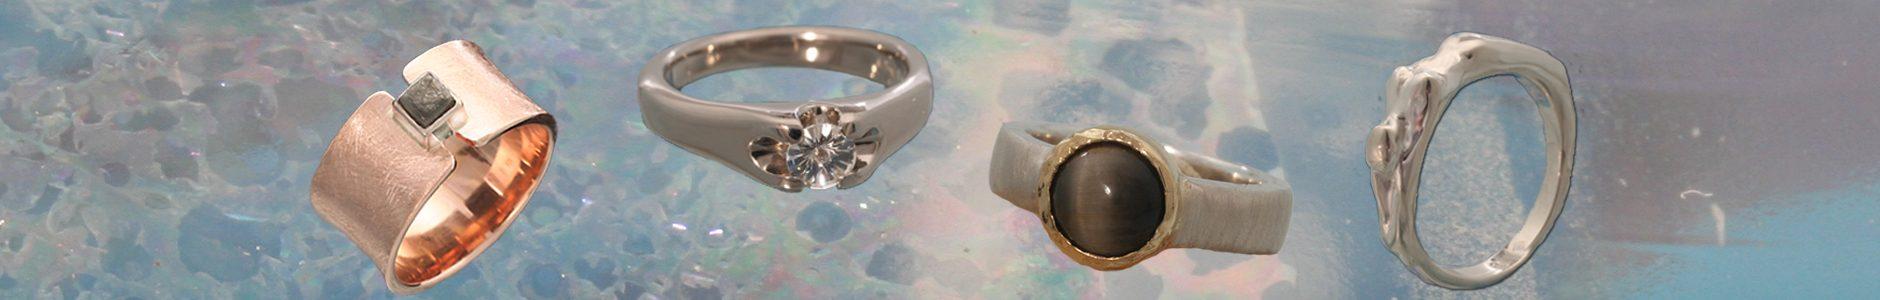 Een brede roodgouden ring met een ongeslepen diamant, een witgouden ring met een ice-flower geslepen diamant, een zilveren ring met een geelgouden zetkast met een kwartskattenoog en een ring in de vorm van een liggende vrouwfiguur.